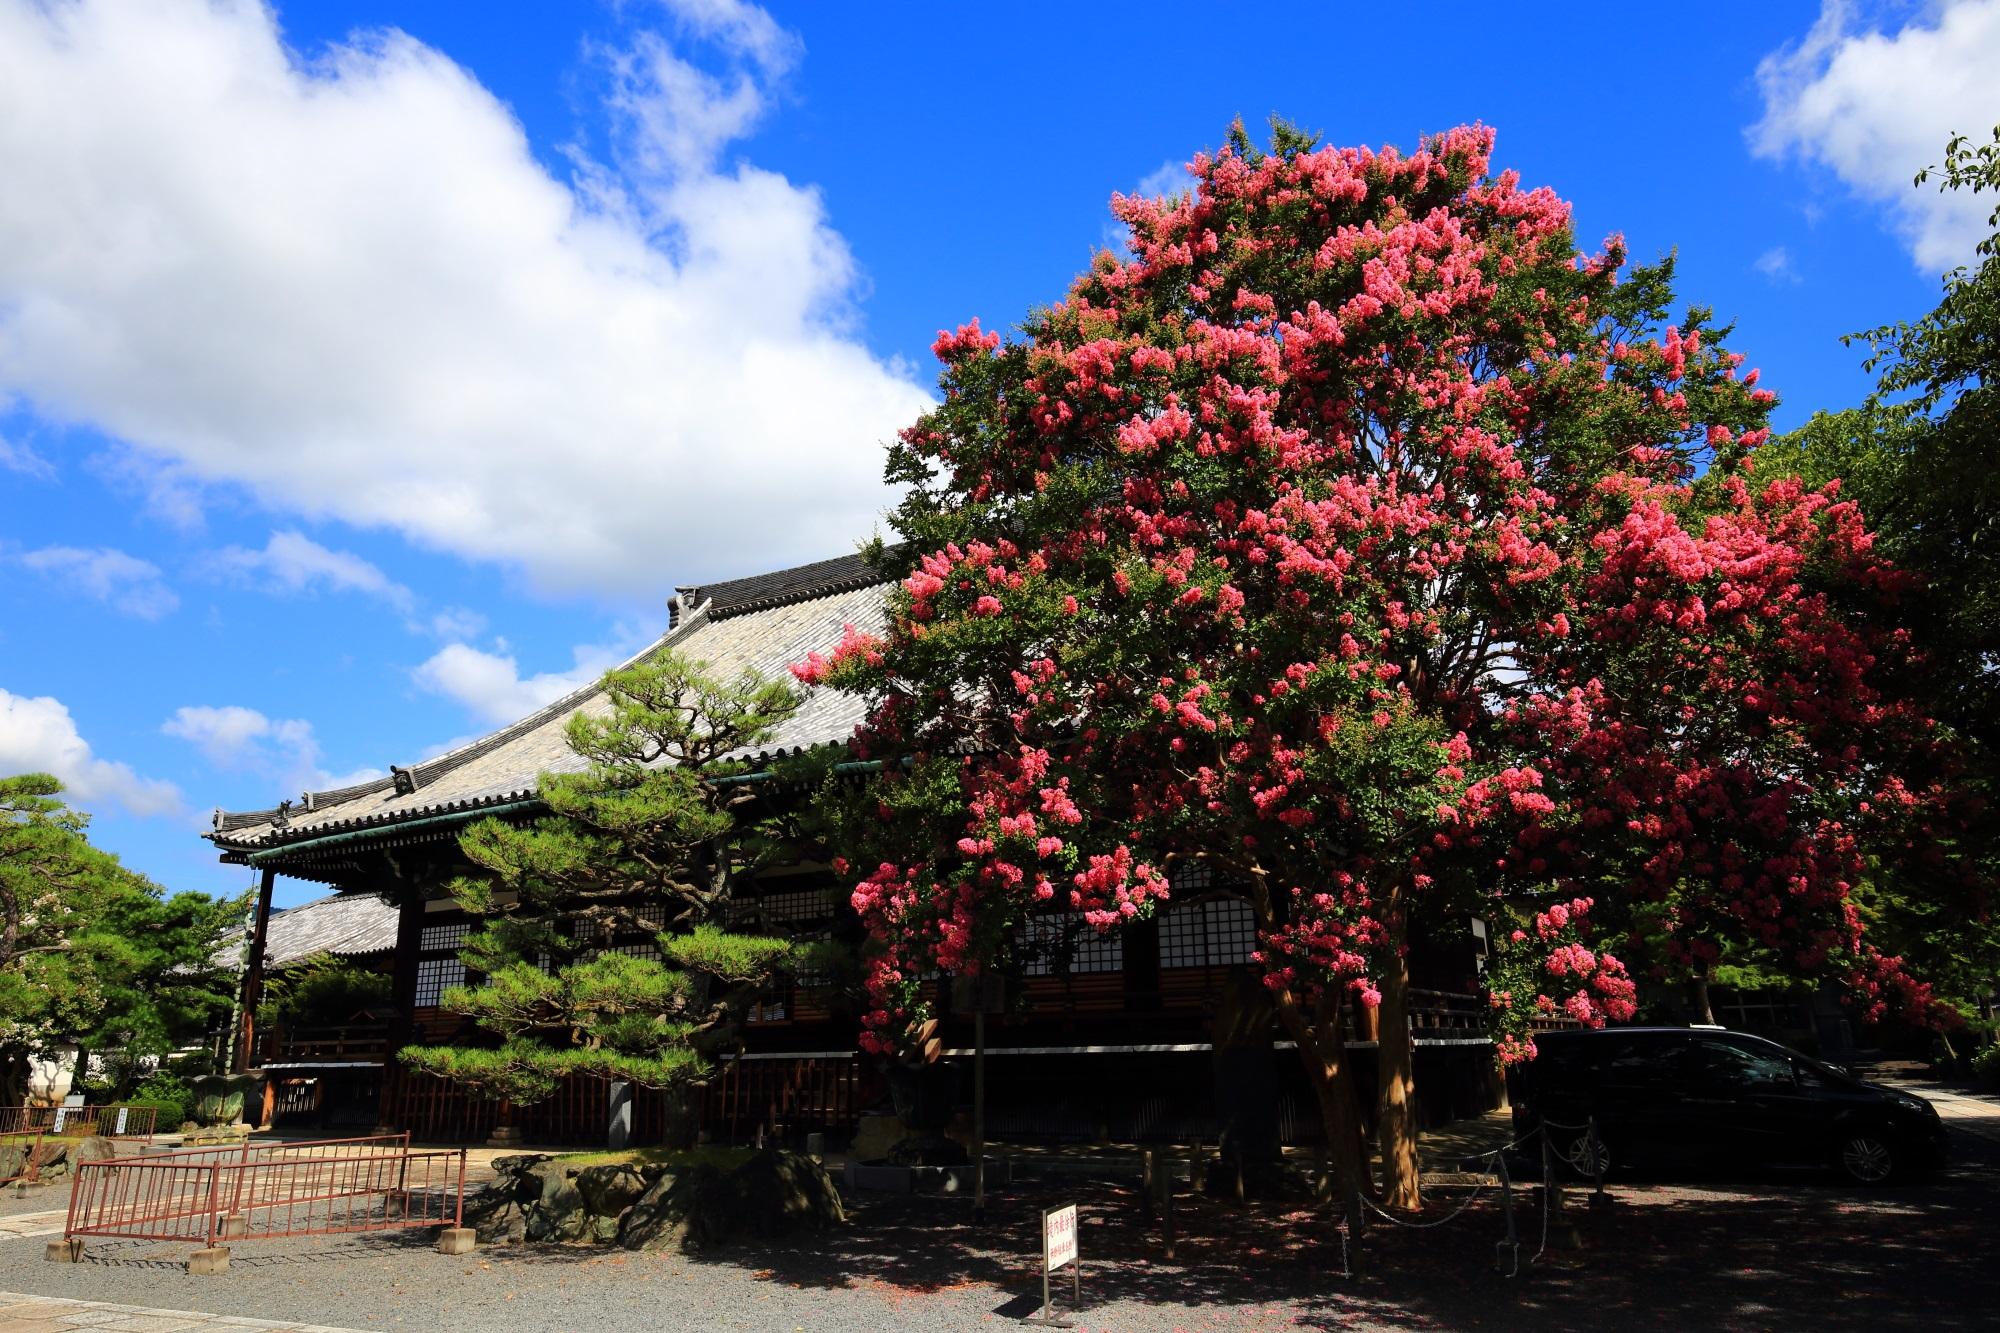 本隆寺 百日紅(さるすべり) 真夏を彩るピンクの花